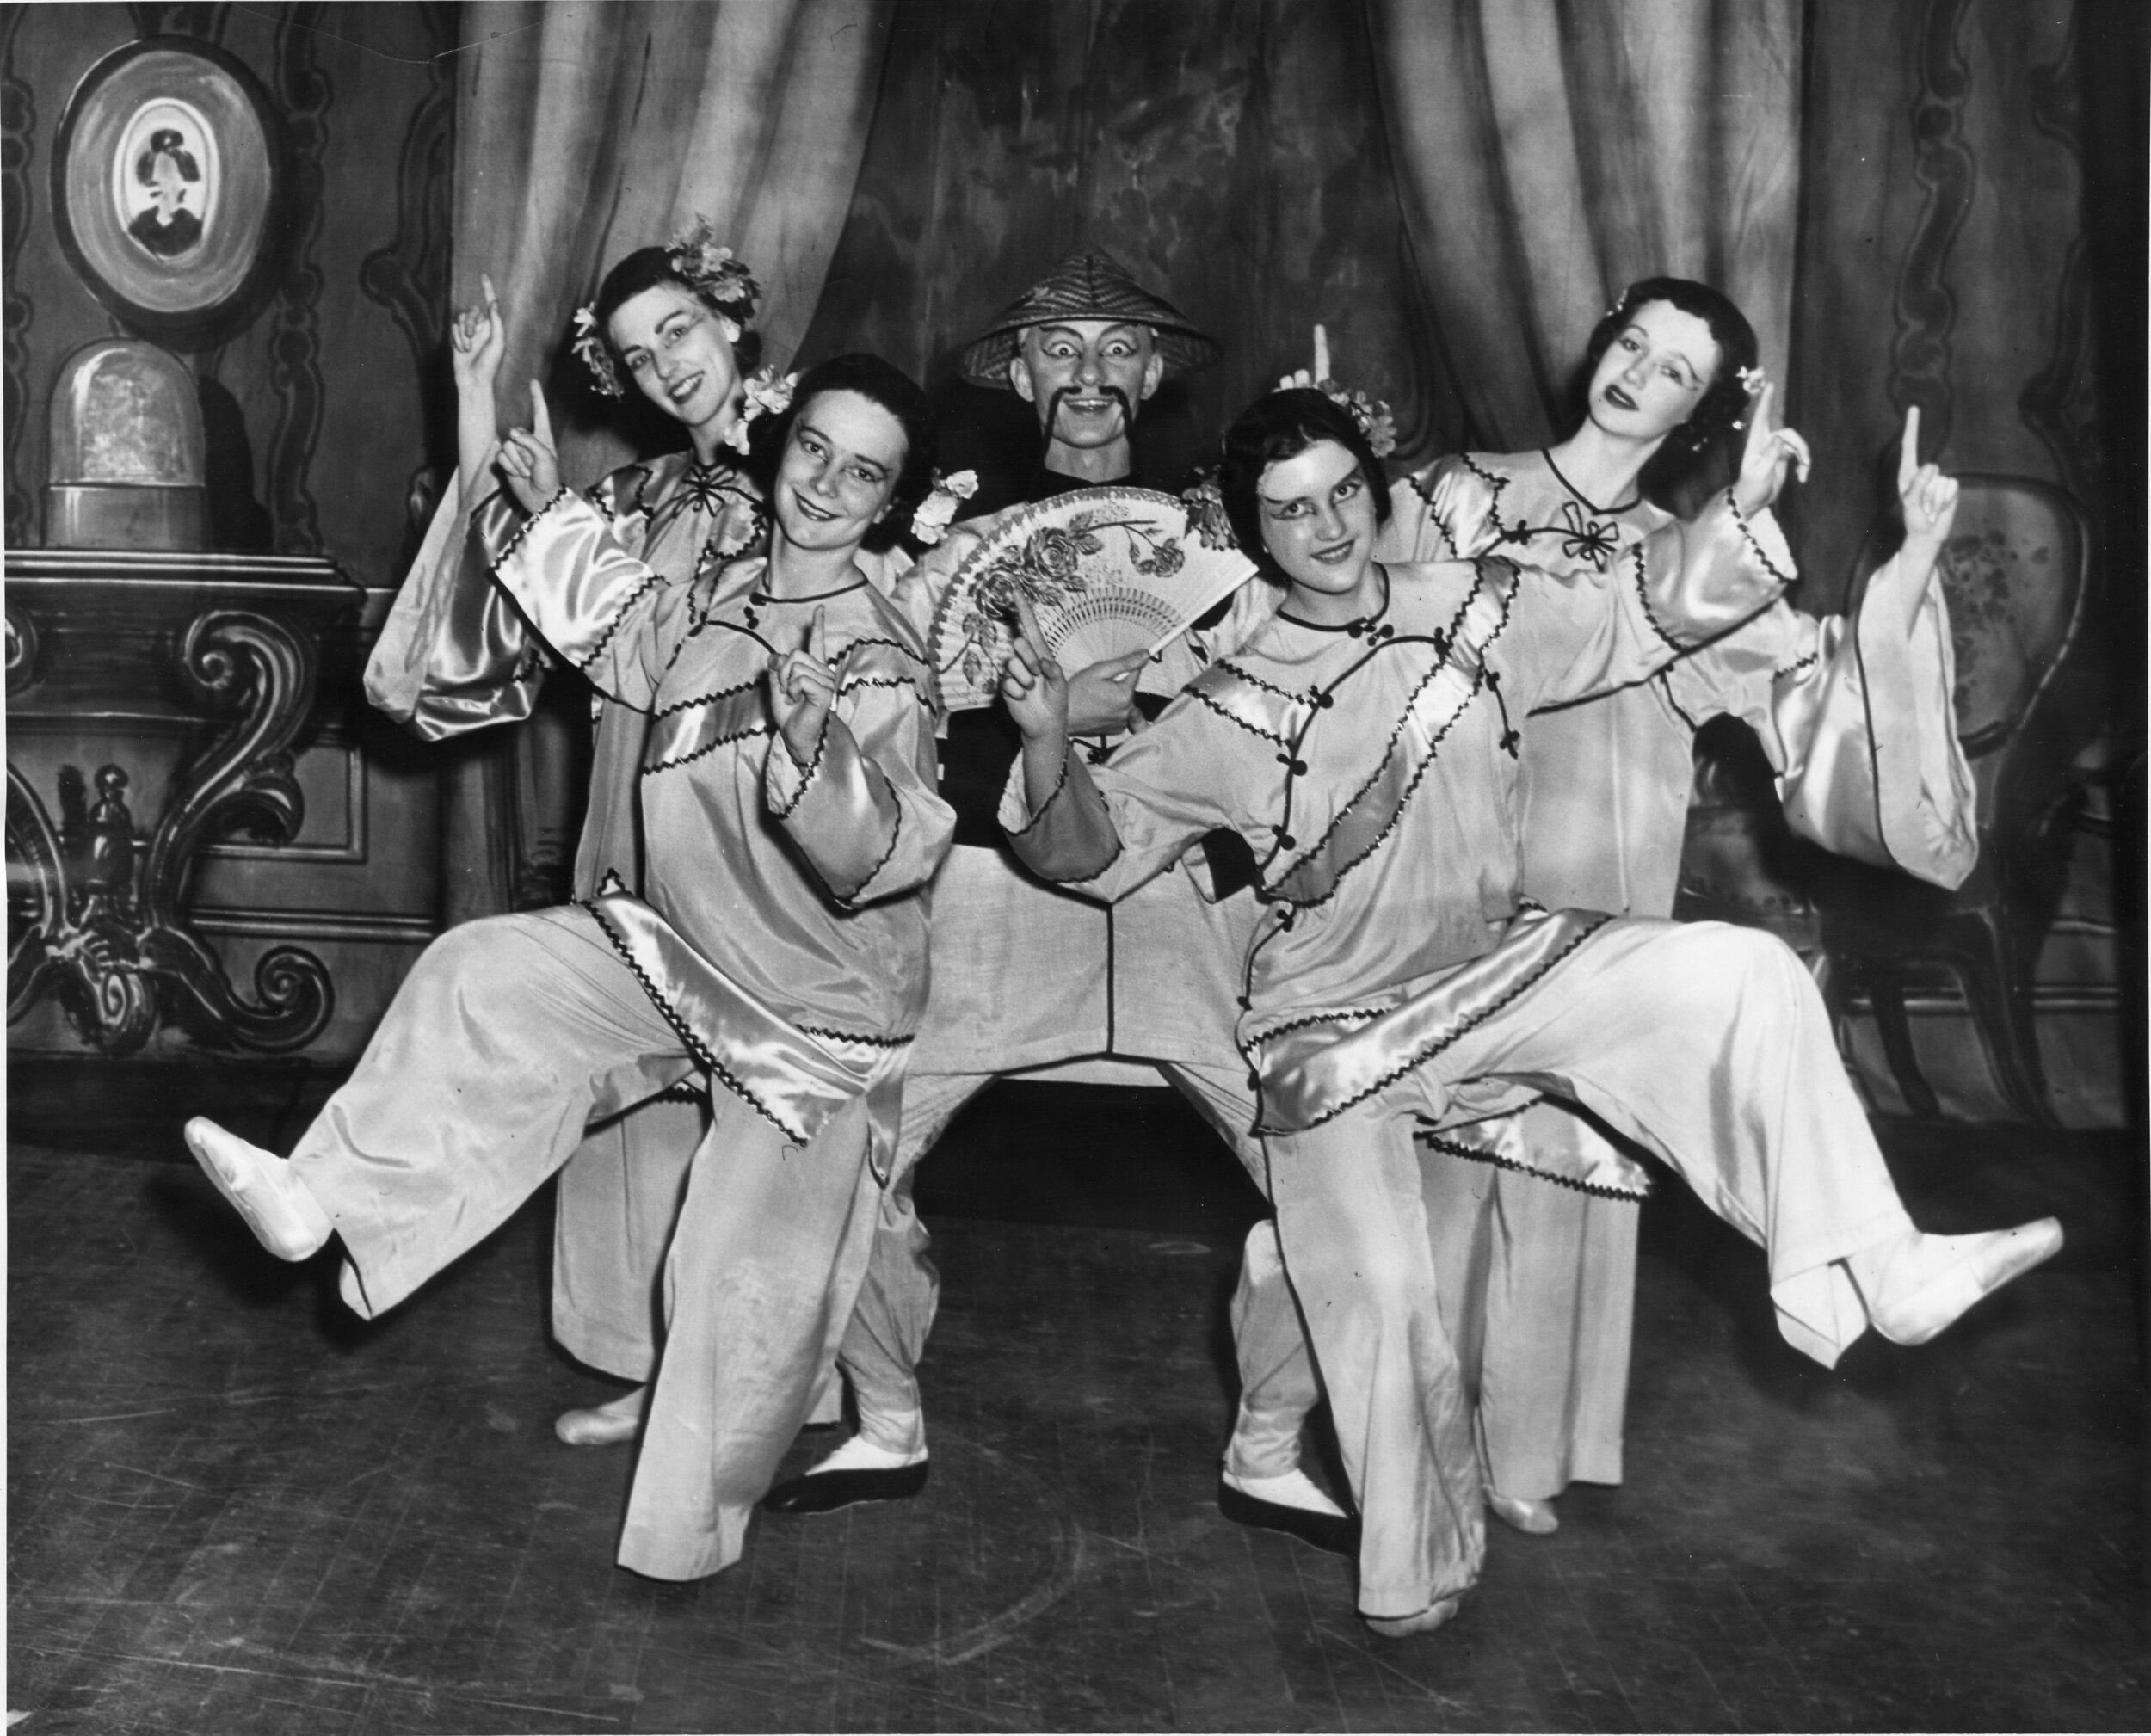 1 Ballet West Willam Christiensen Nutcracker Chinese (1950s).jpg